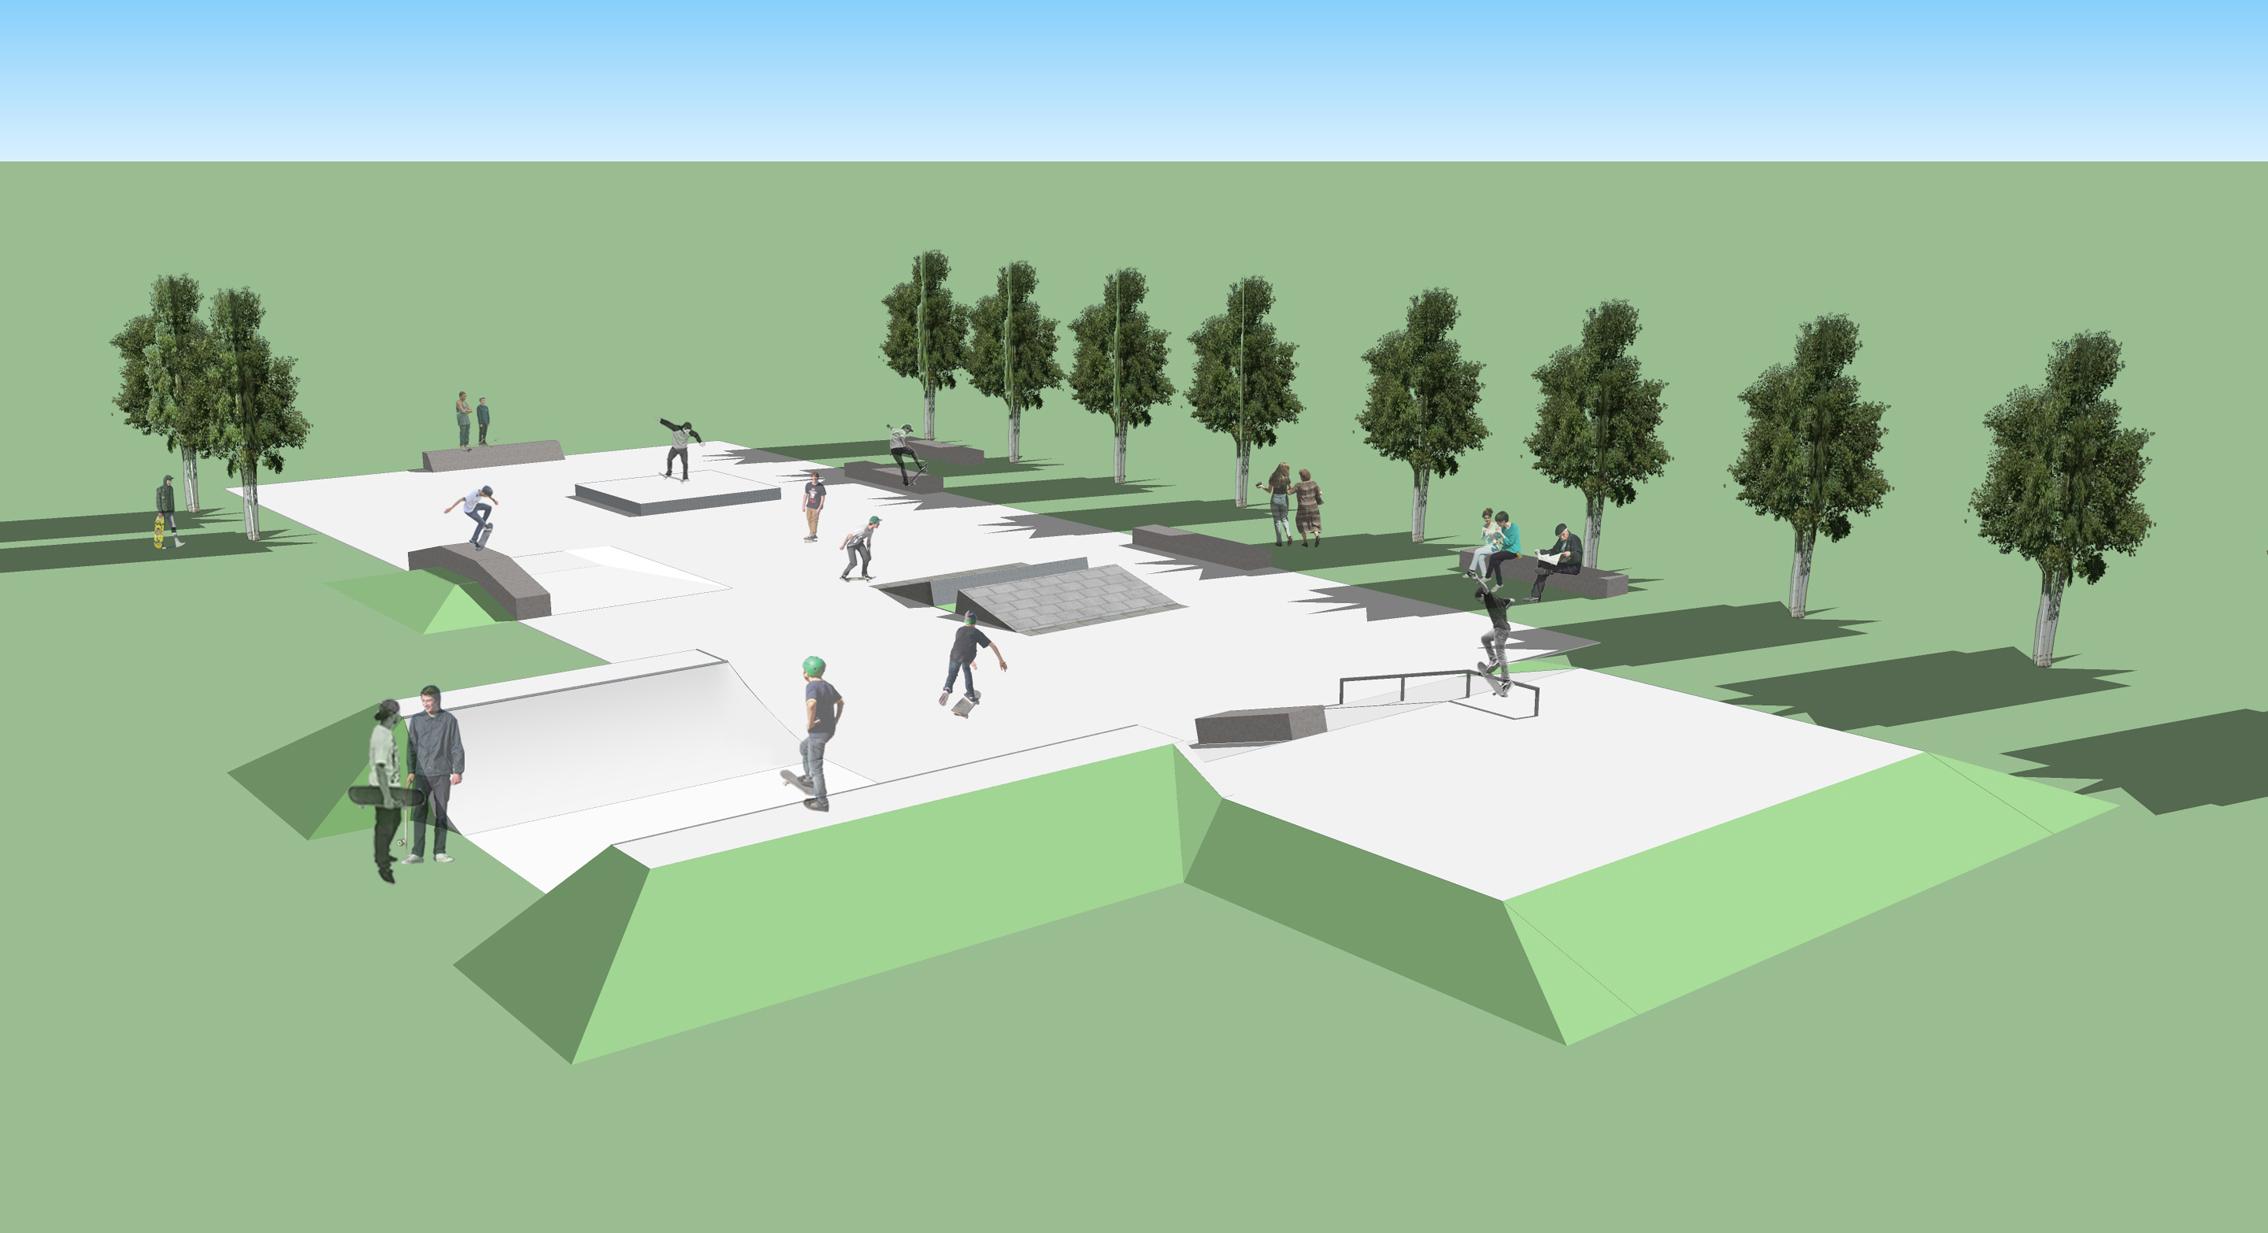 SKATE-ARCHITECTS-NAVARCLES-Skateplaza-Arquitectura-Baix-161215-6.jpg